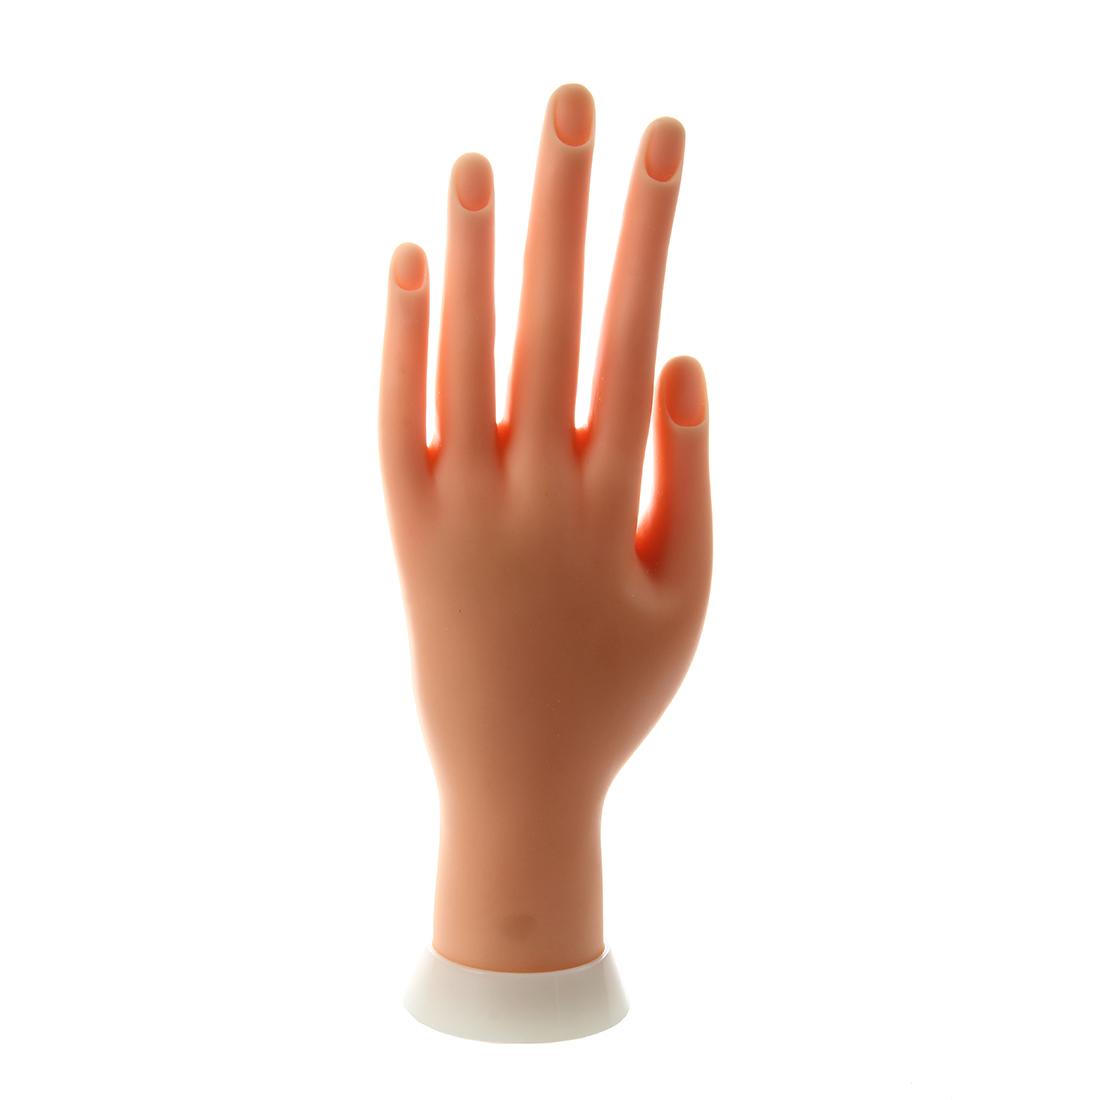 Nagel Kunst Praxis Anzeige ?bungsfinger Modell Linke Hand E8S3 ...